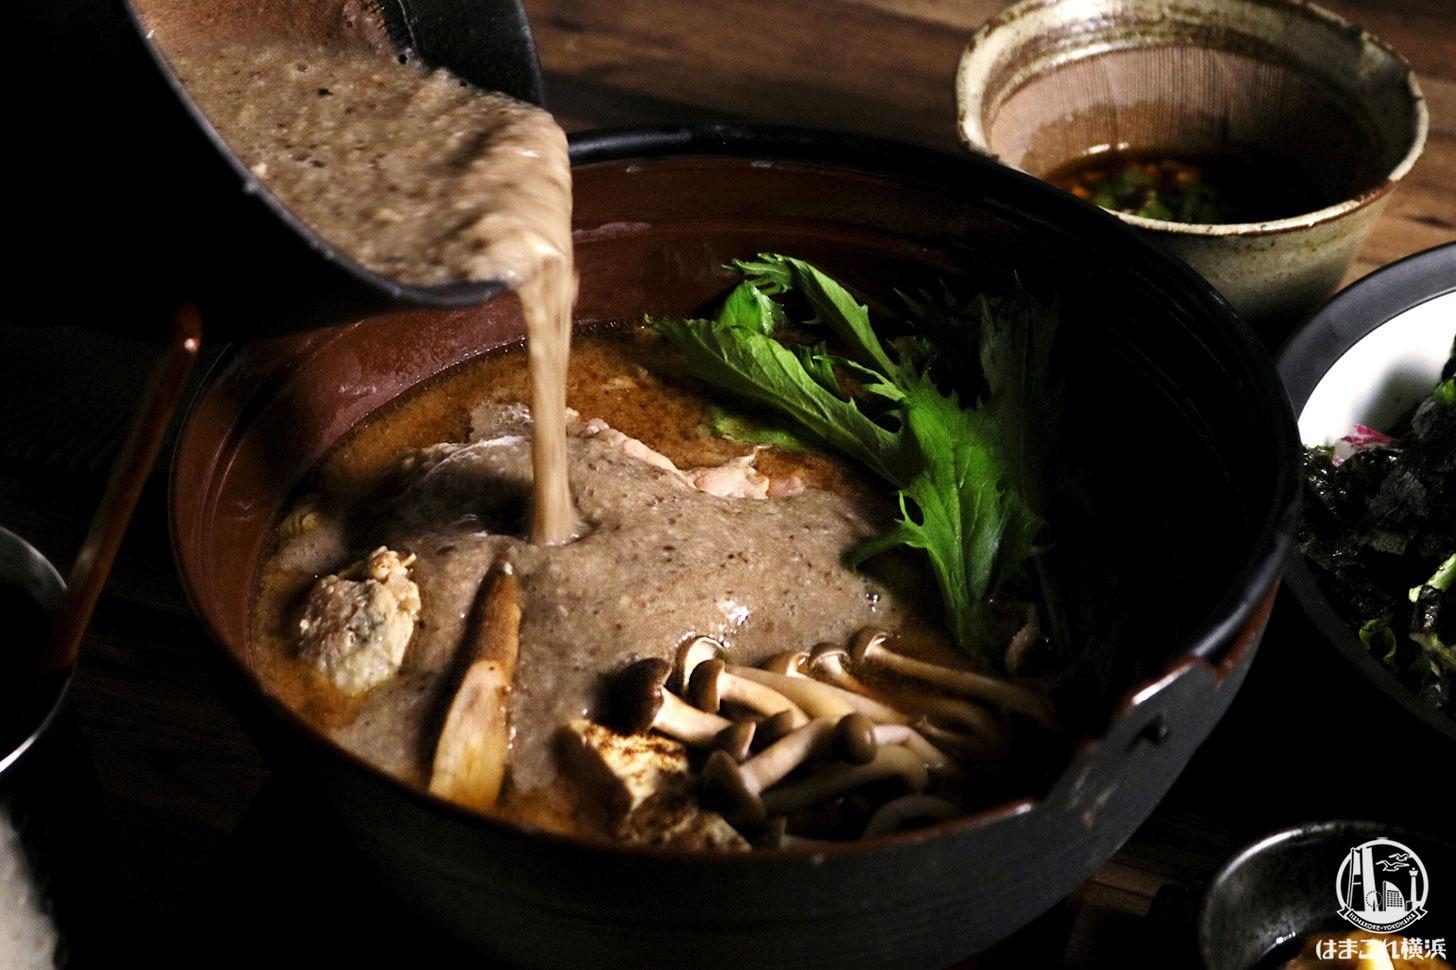 自然薯とろろ味噌鍋 1,980円、〆物 雑炊もしくは、おうどん 500円